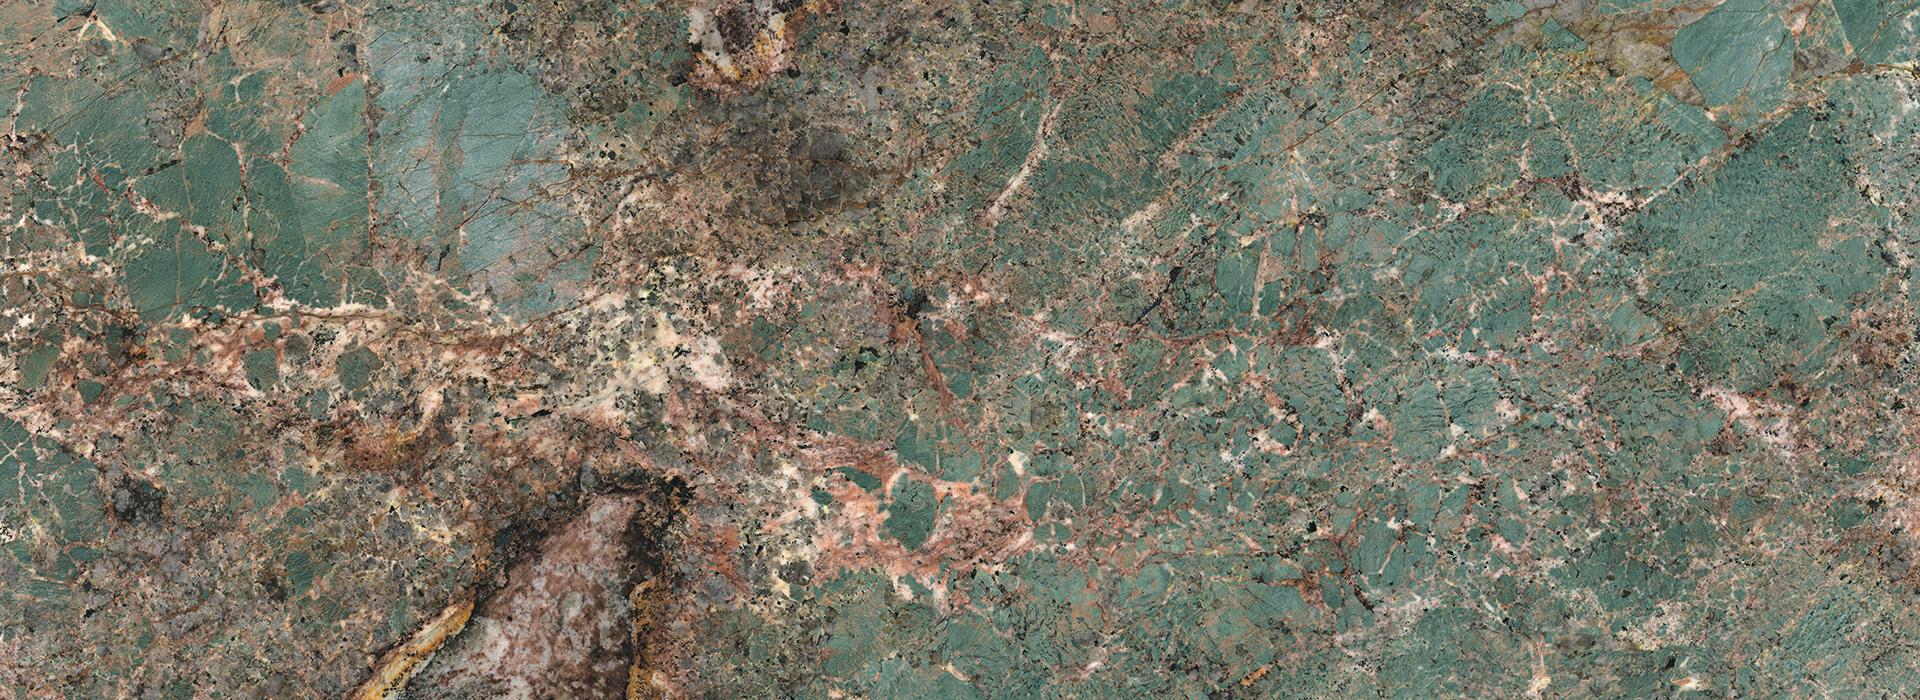 3 - Amazonite